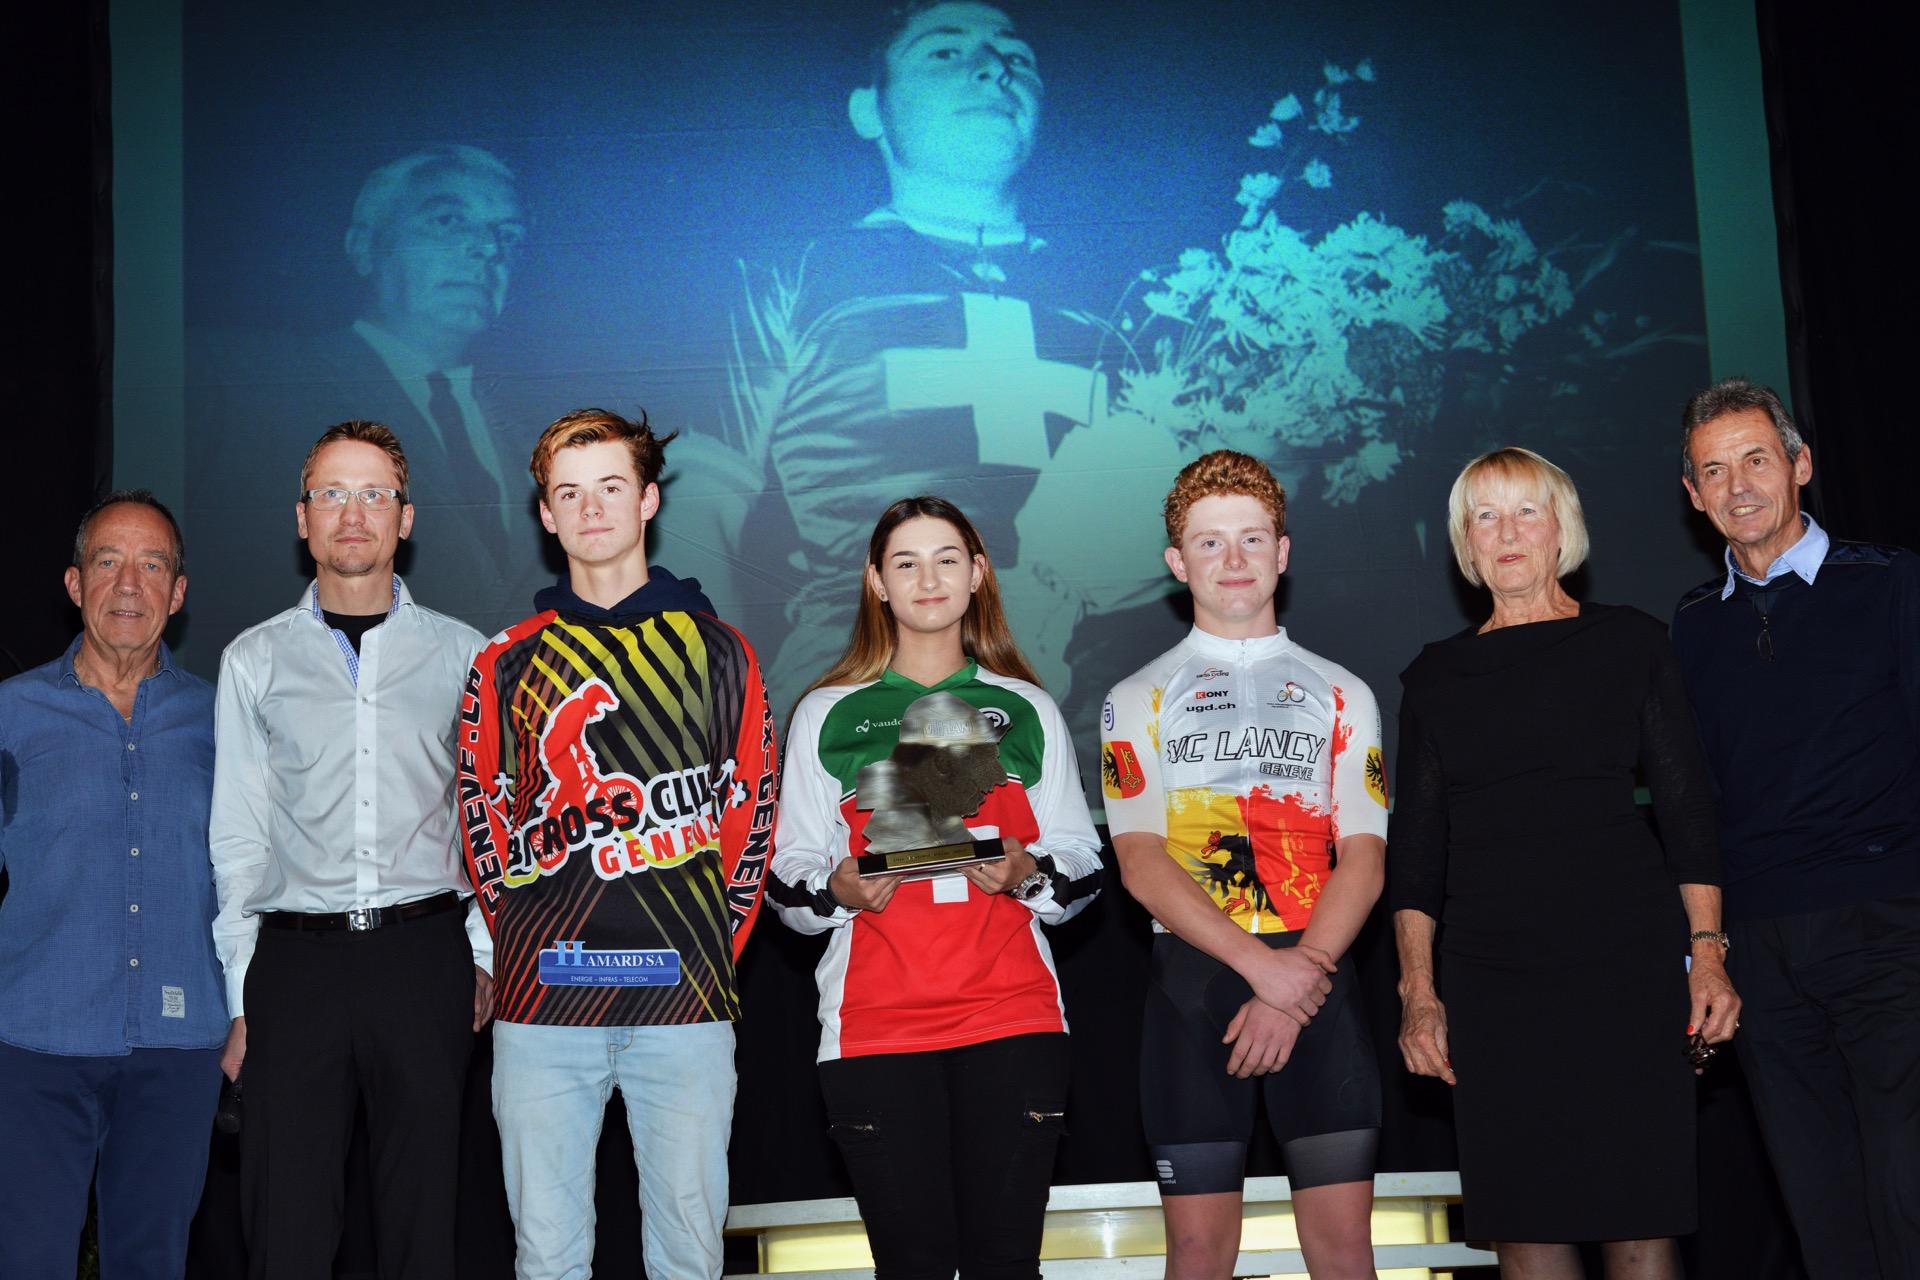 Le Prix Bernard Vifian 2017 attribué à Leila Henry, une jeune pilote de BMX.